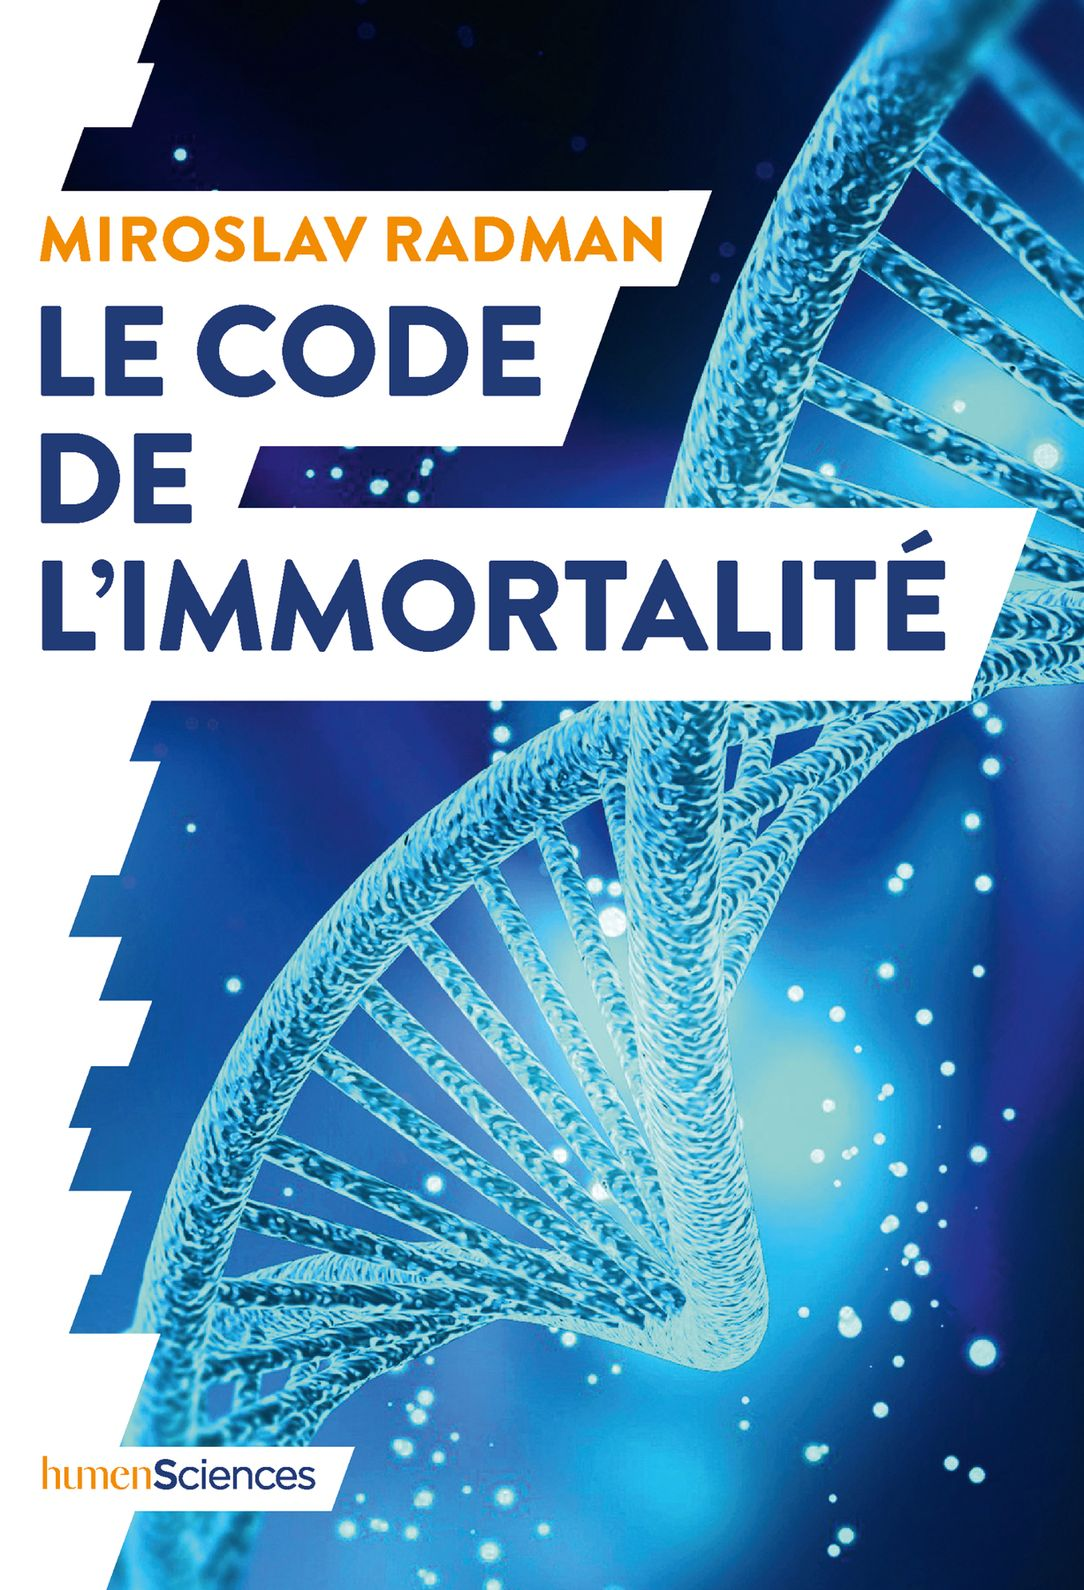 Le code de l'immortalité